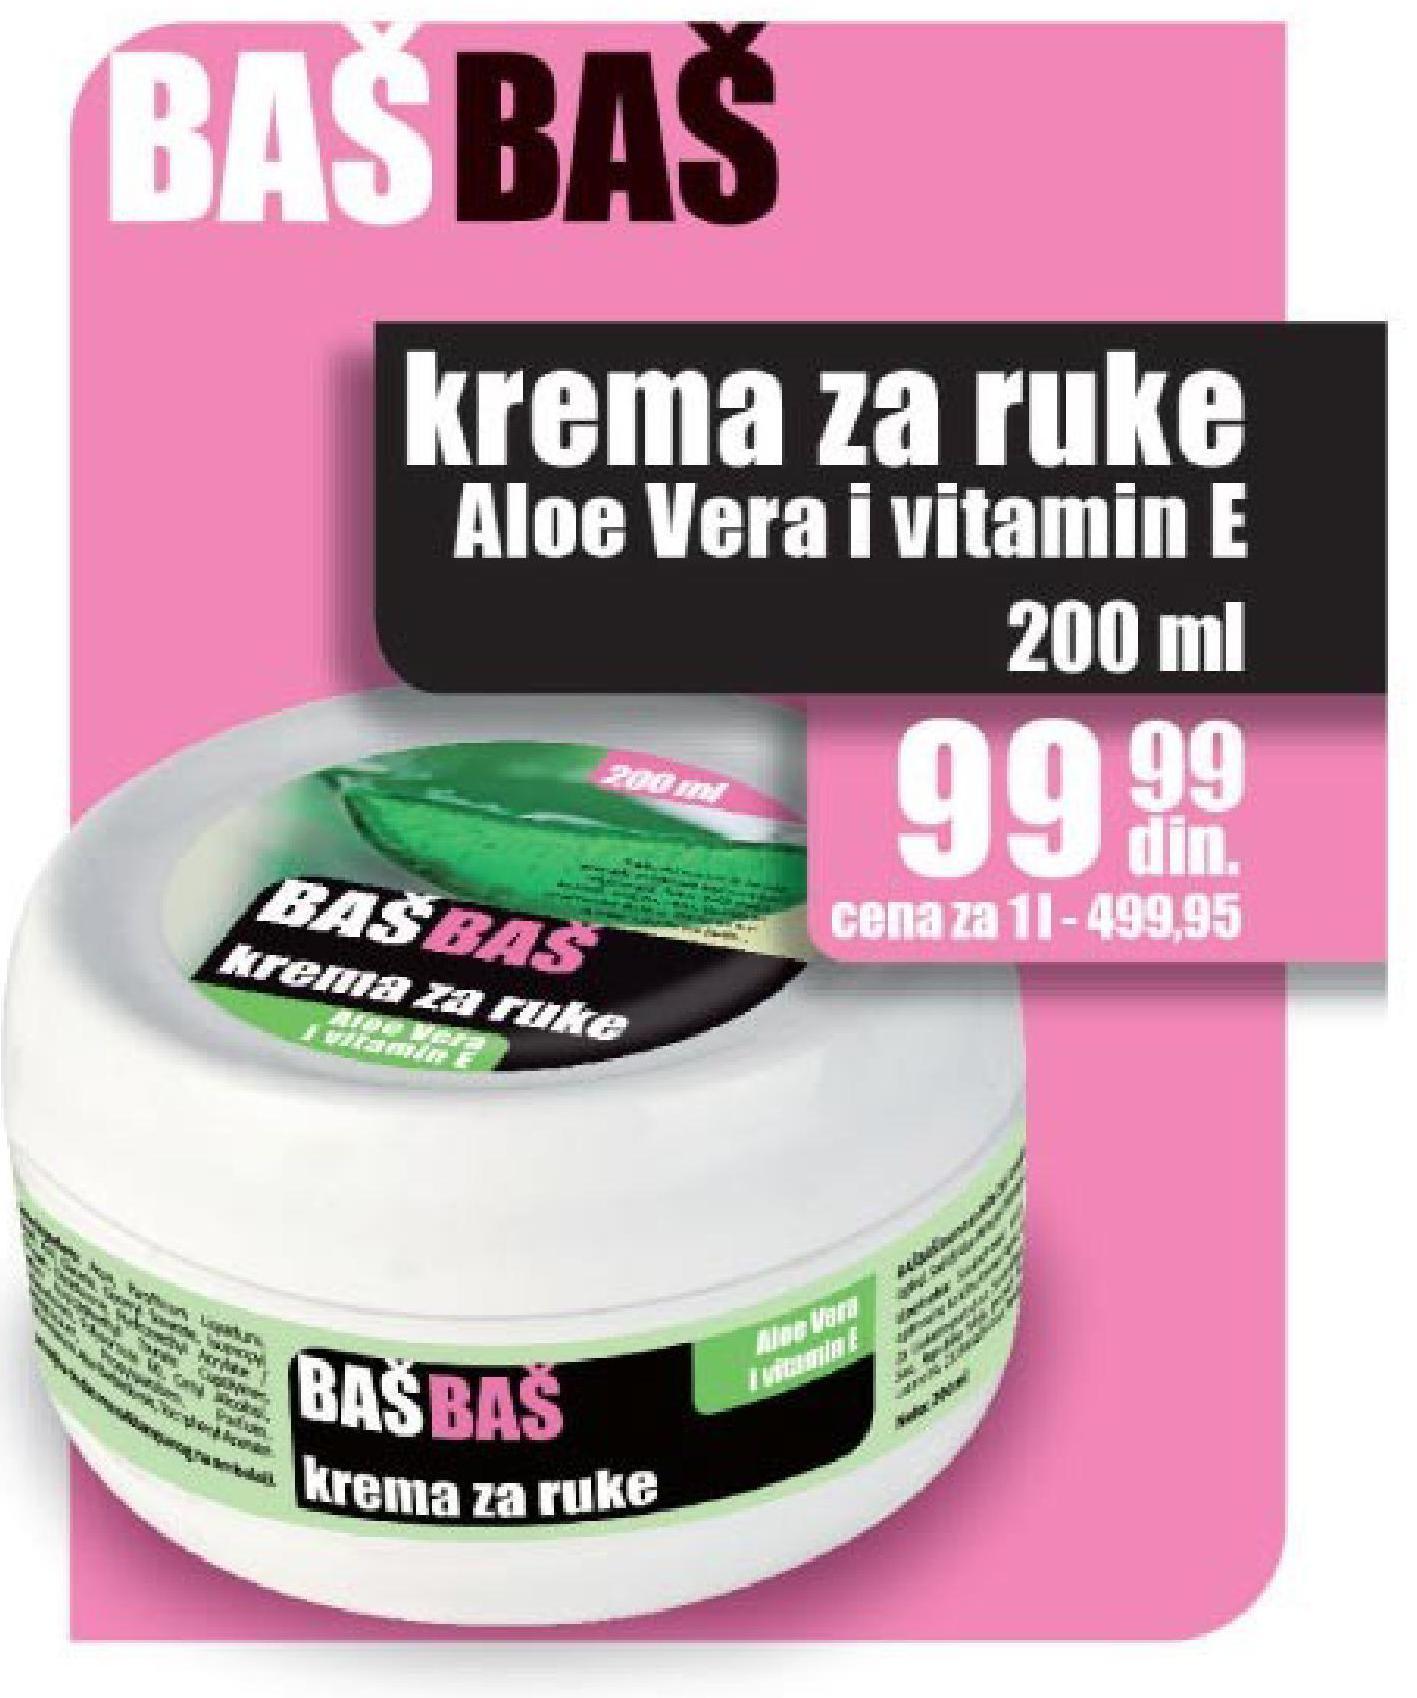 Akcija Trgopromet - Baš Baš Krema za ruke aloe vera i vitamin E 550819  Akci...